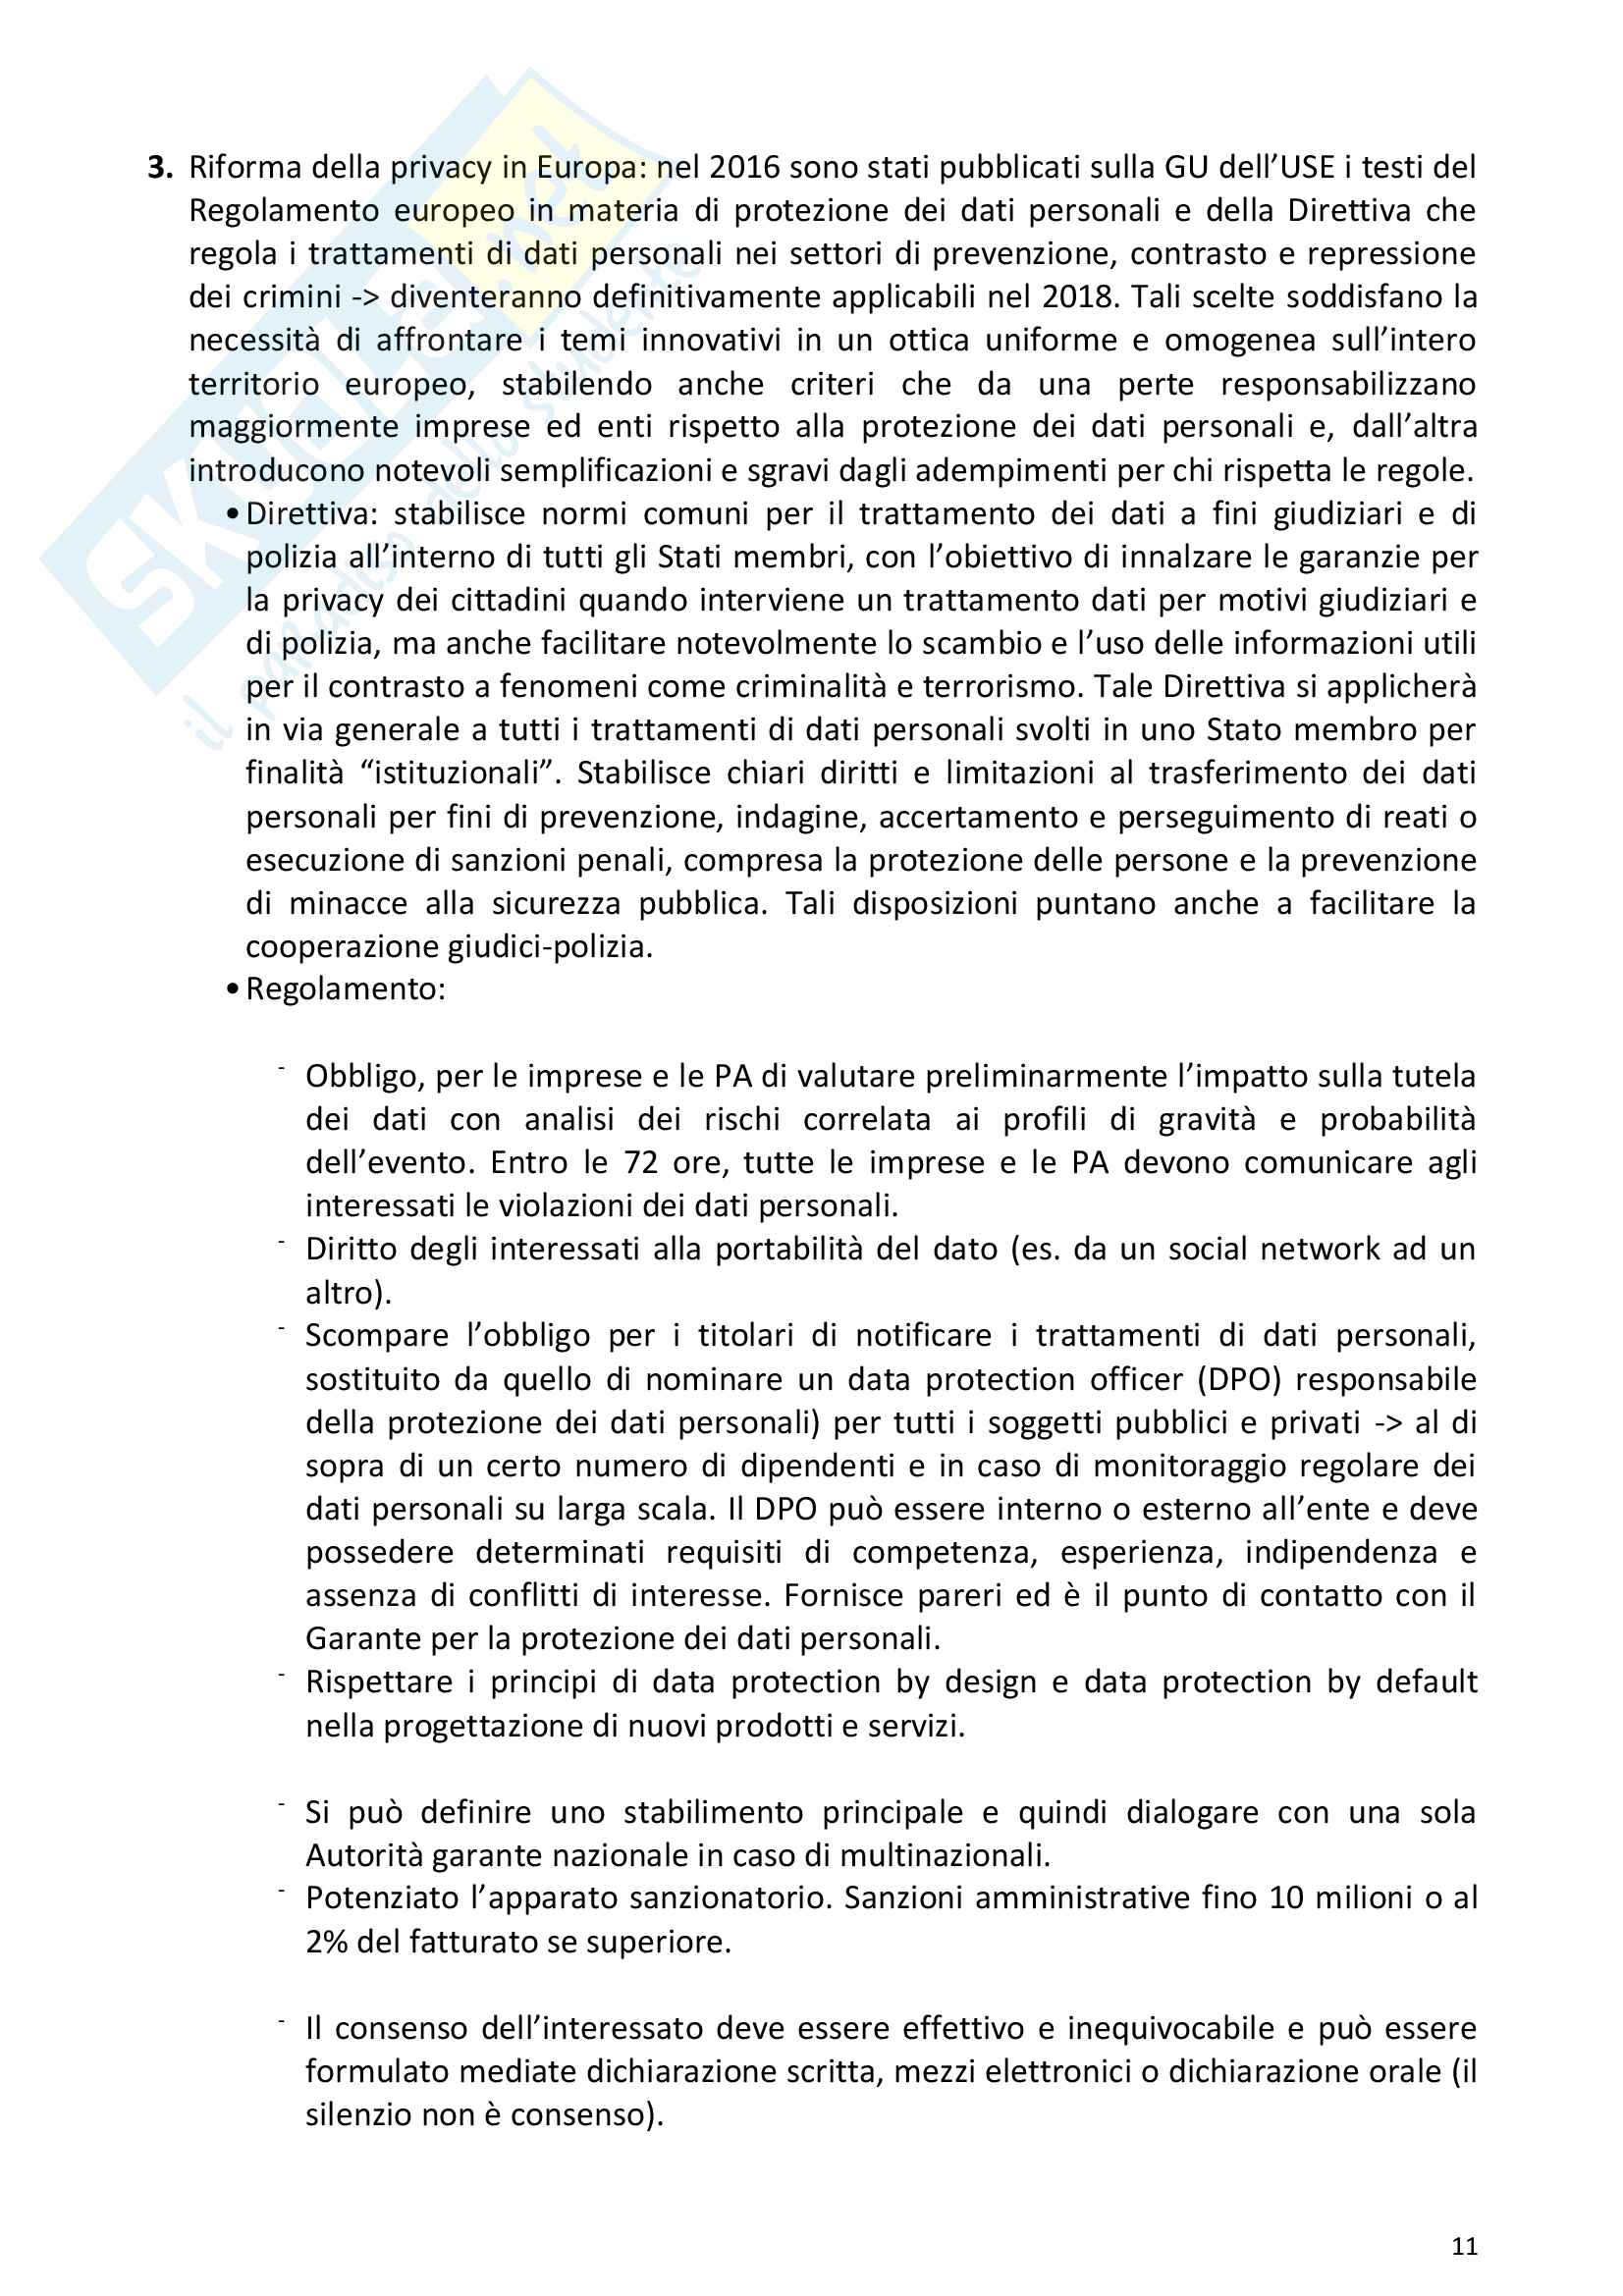 Riassunto esame Diritto della comunicazione per le imprese e i media, prof. Razzante. Libro consigliato Manuale di diritto dell'informazione e della comunicazione (Settima 7 edizione), Razzante (cap. 1,3,5,6,7,8,9) Pag. 11